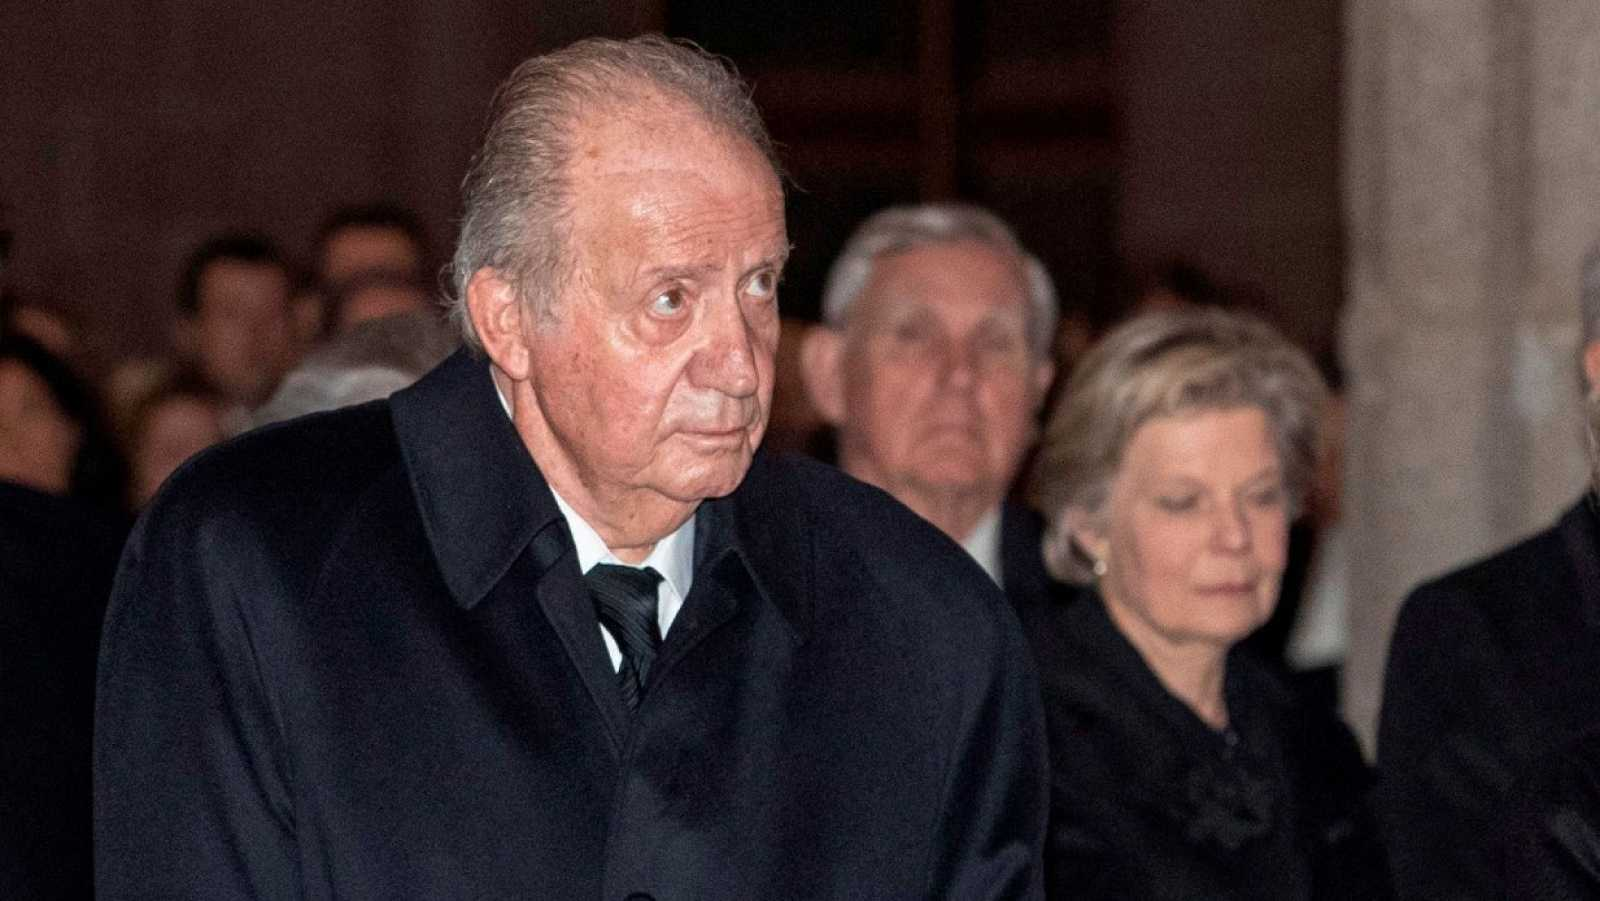 Ruiz Jarabo, exdirector de la Agencia Tributaria: ¿Qué prestación ha podido realizar don Juan Carlos para recibir ocho millones de euros en especie?